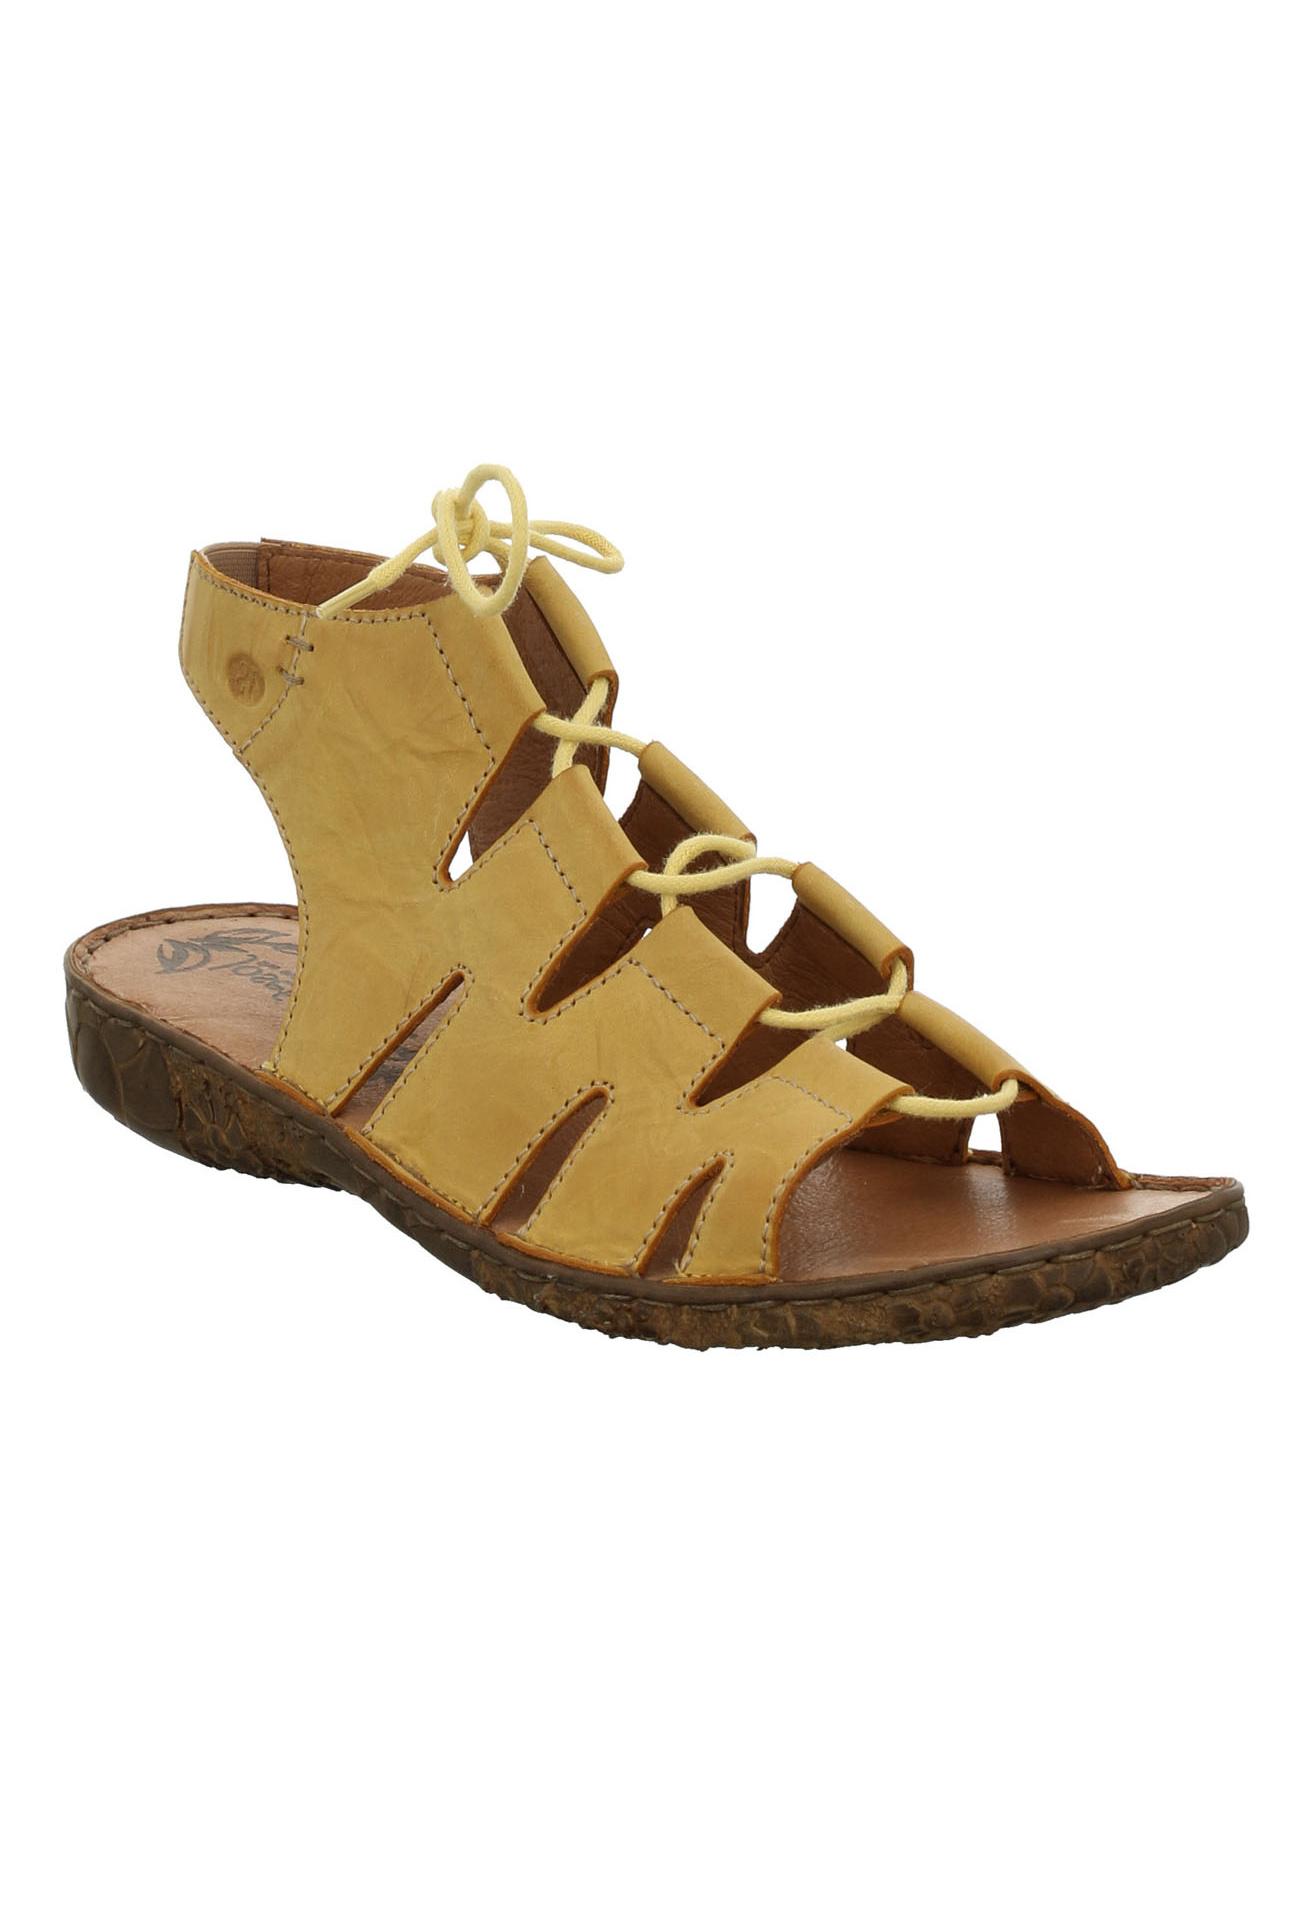 Josef Seibel Rosalie 39 Leather Sandal